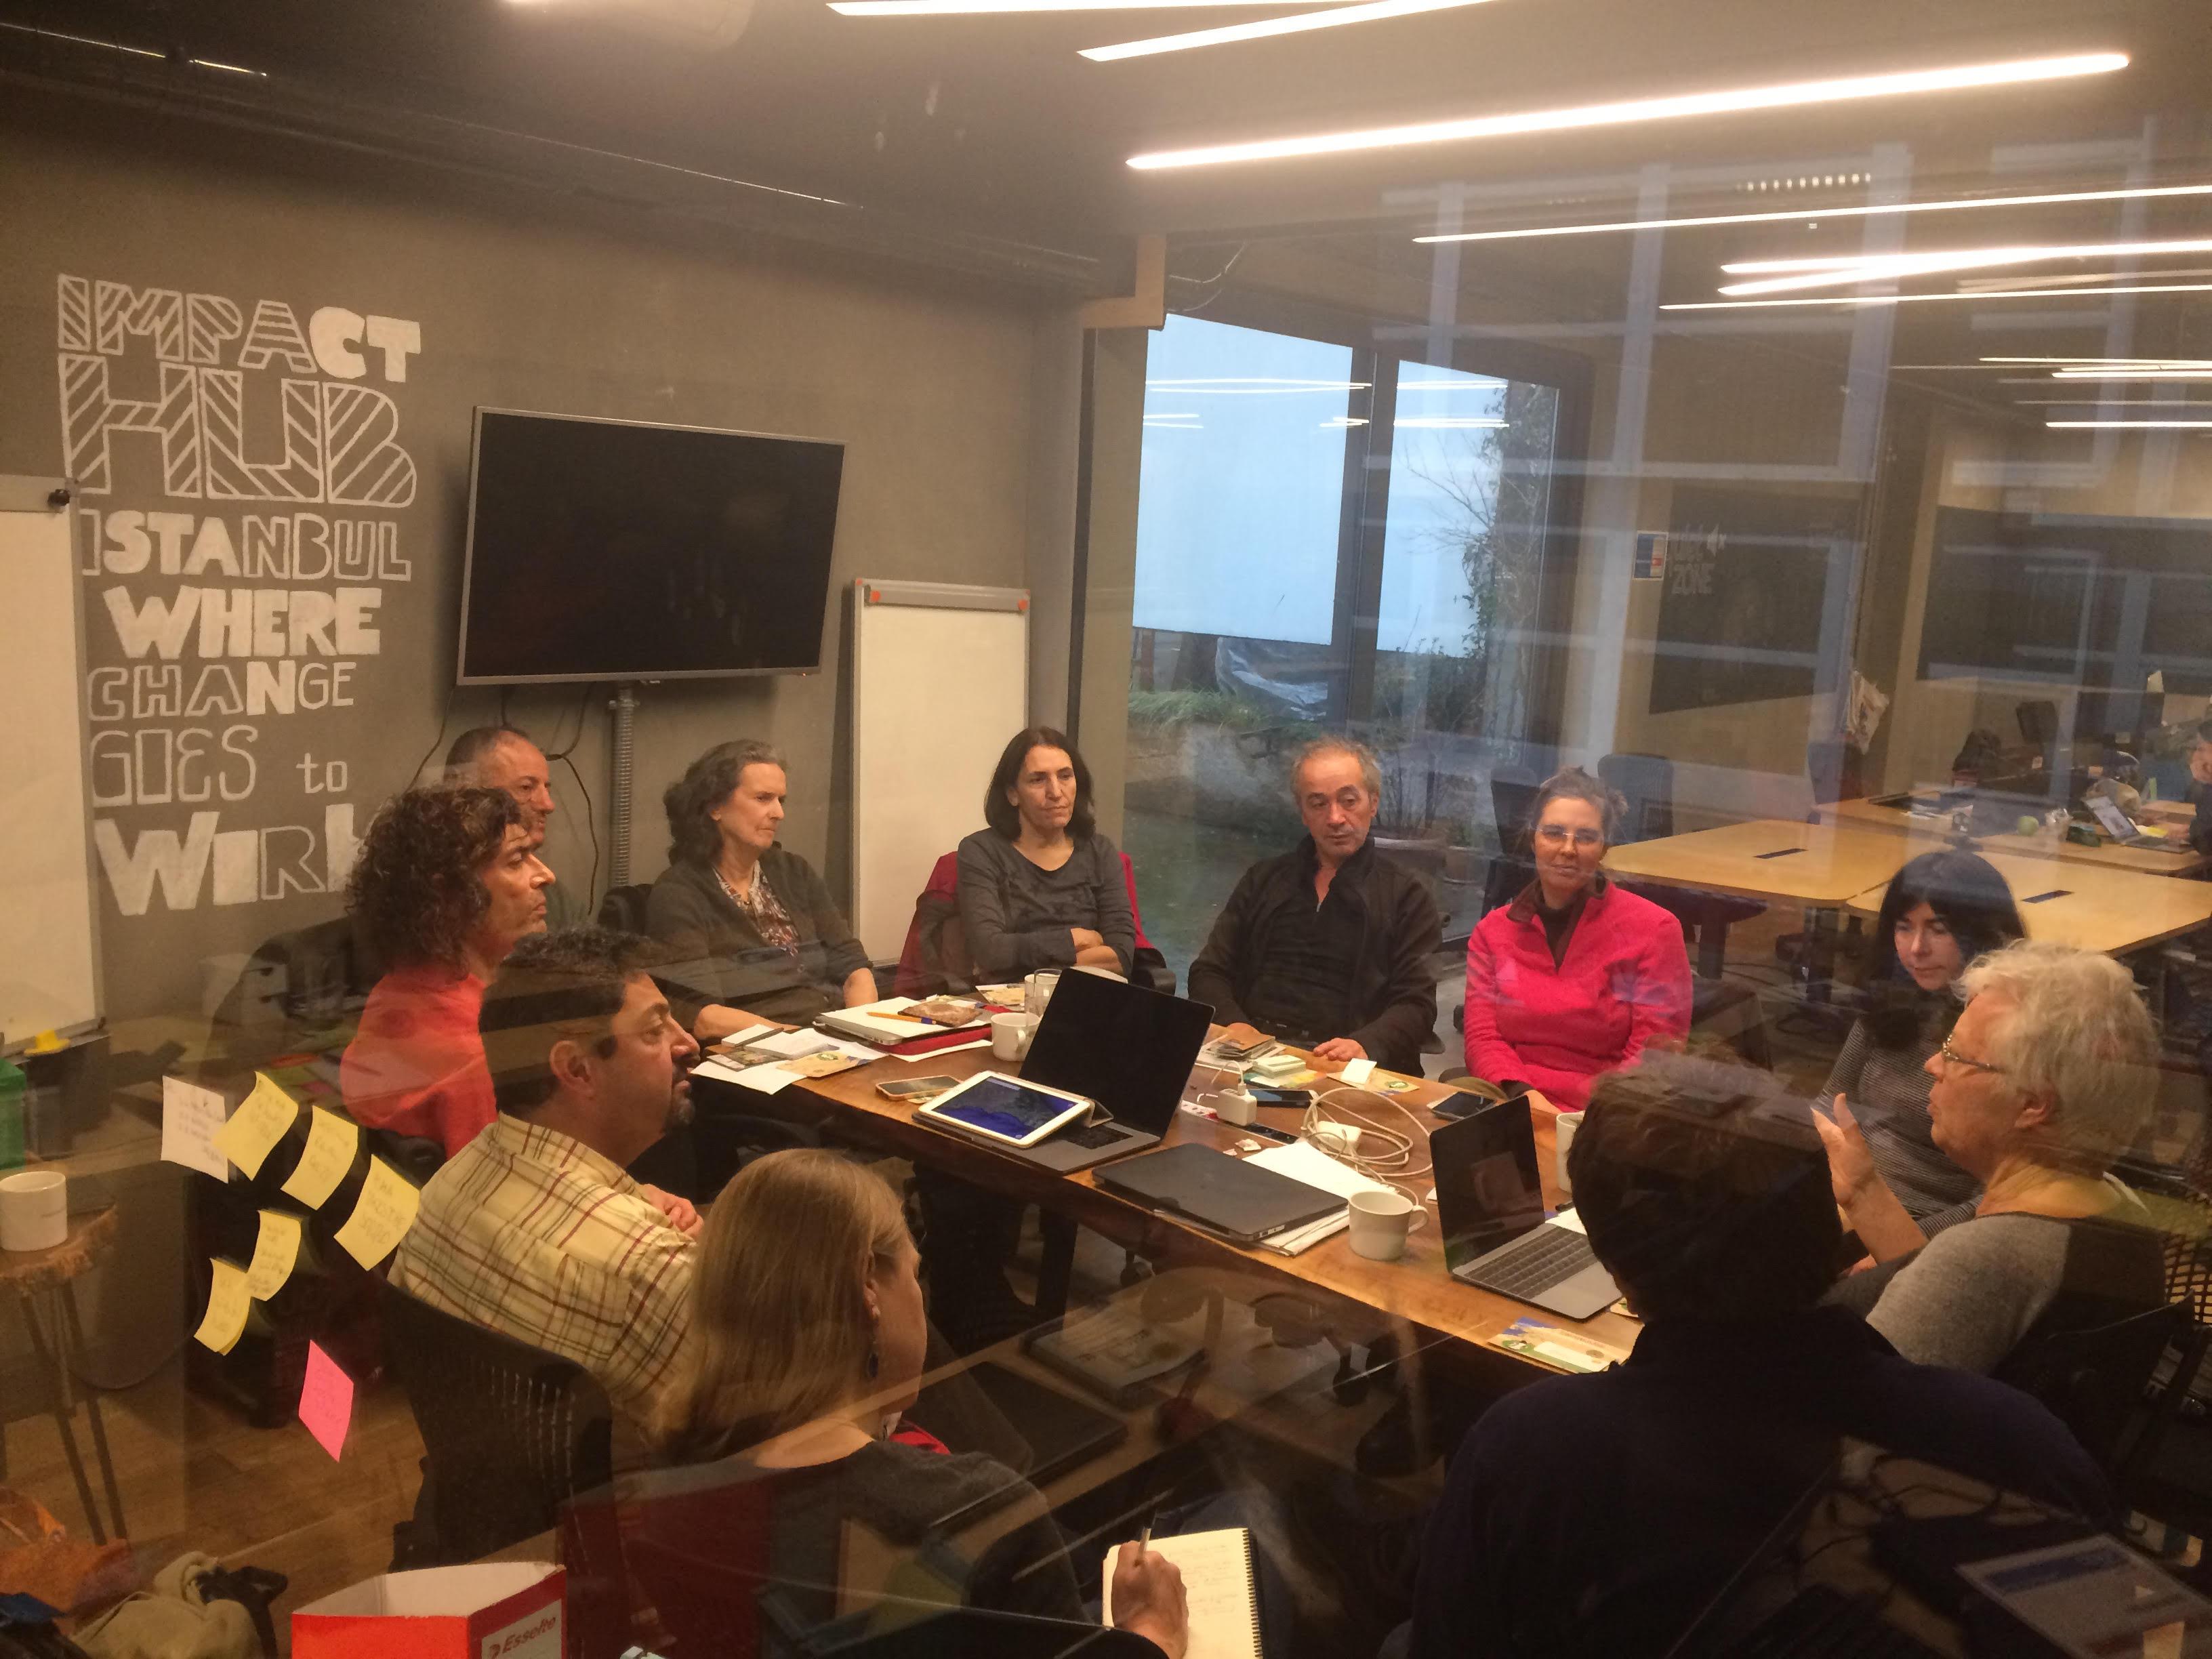 Aan de vergadertafel tijdens een vergadering van de Culturele Routes Society in Istanbul